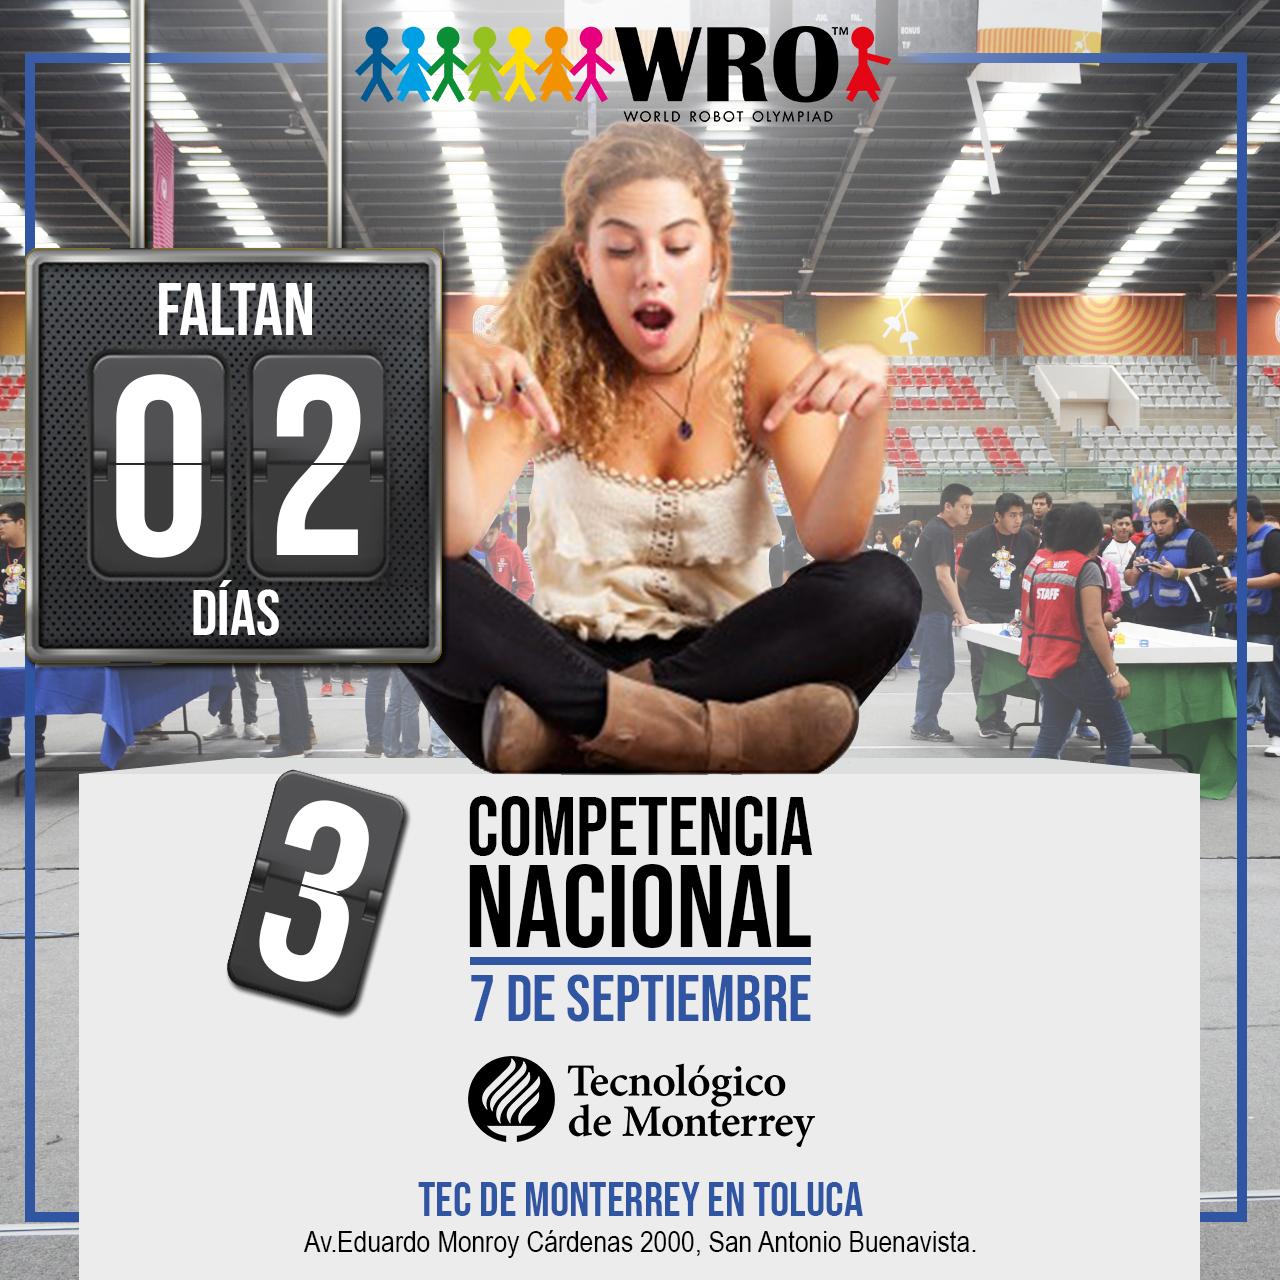 WRO México | Faltan 2 días Nacional WRO